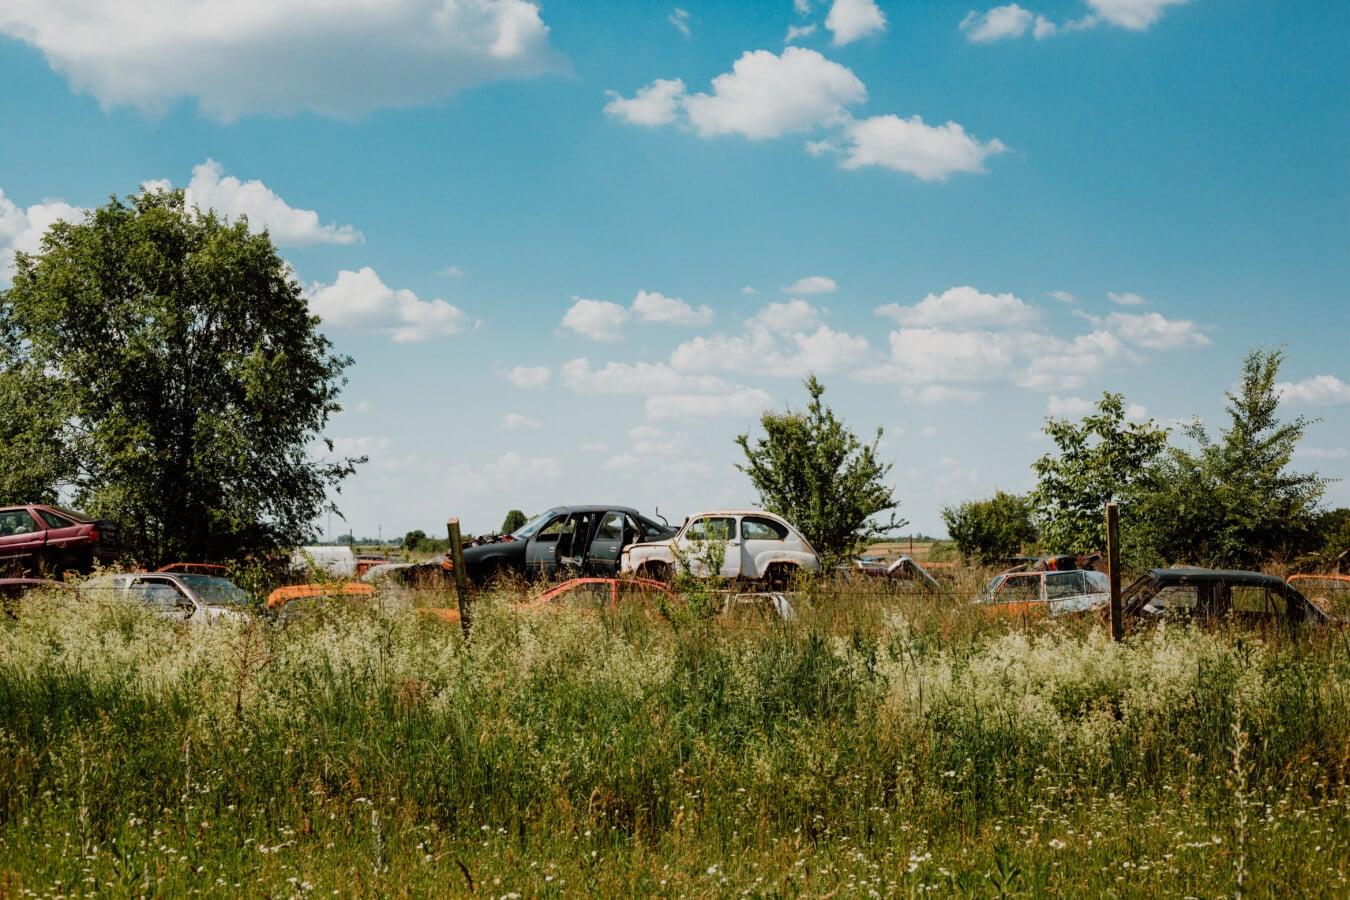 cars, wasteland, junkyard, garbage, grass, landscape, syrup, summer, rural, abandoned